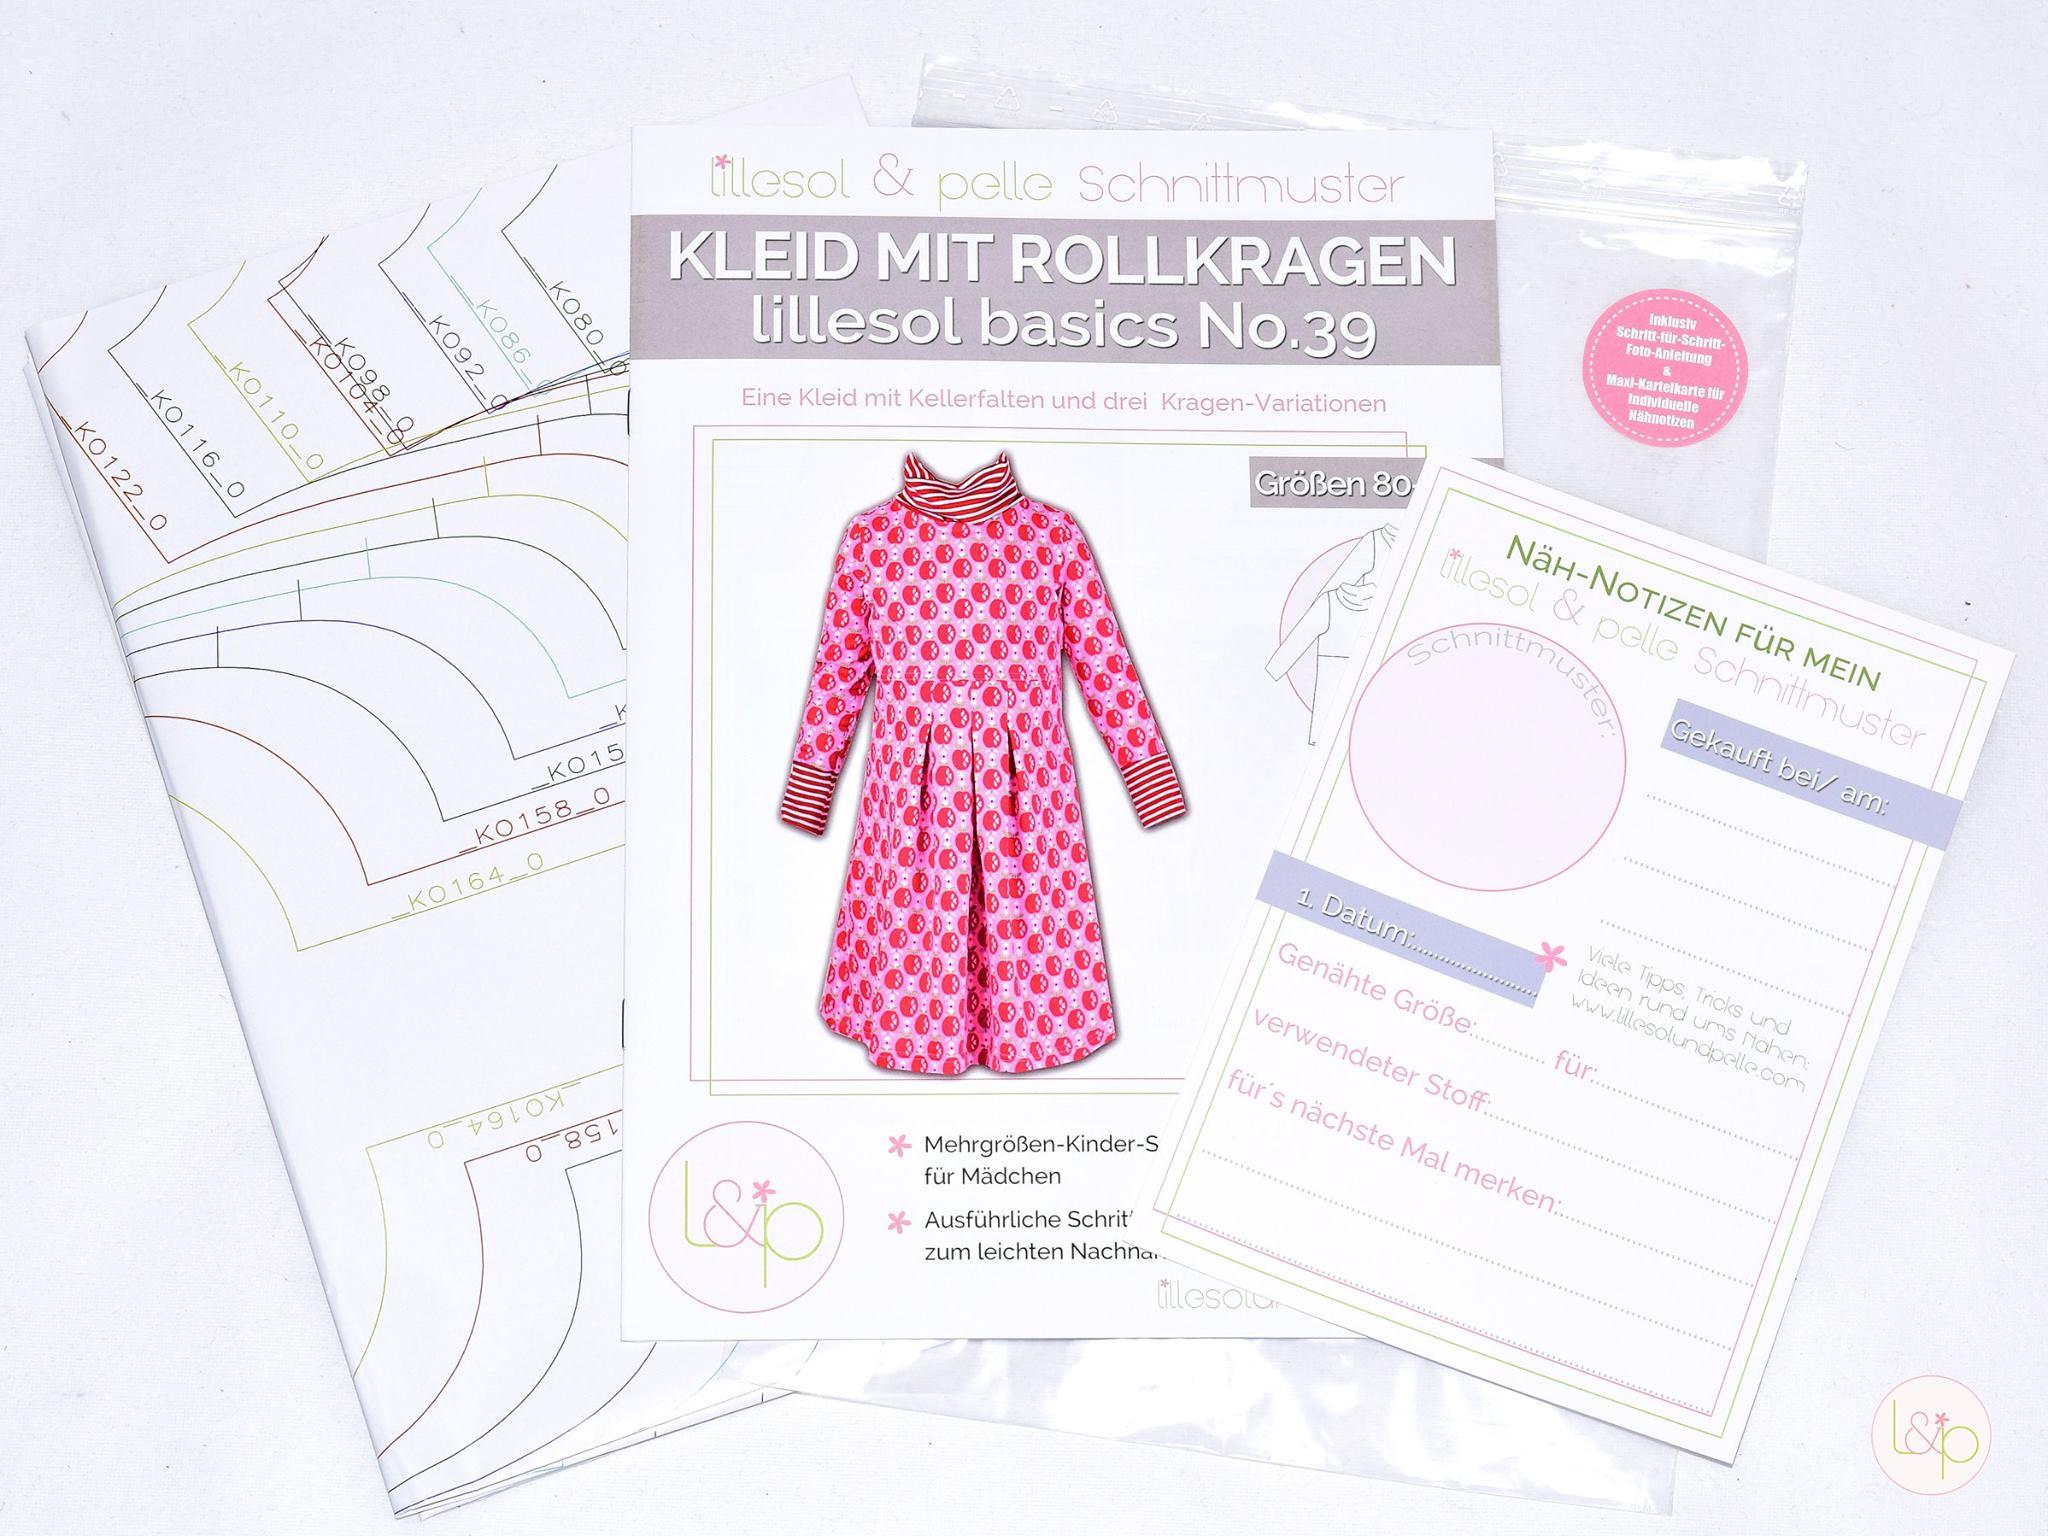 ᐅ Kleid mit Rollkragen lillesol basics No. 39